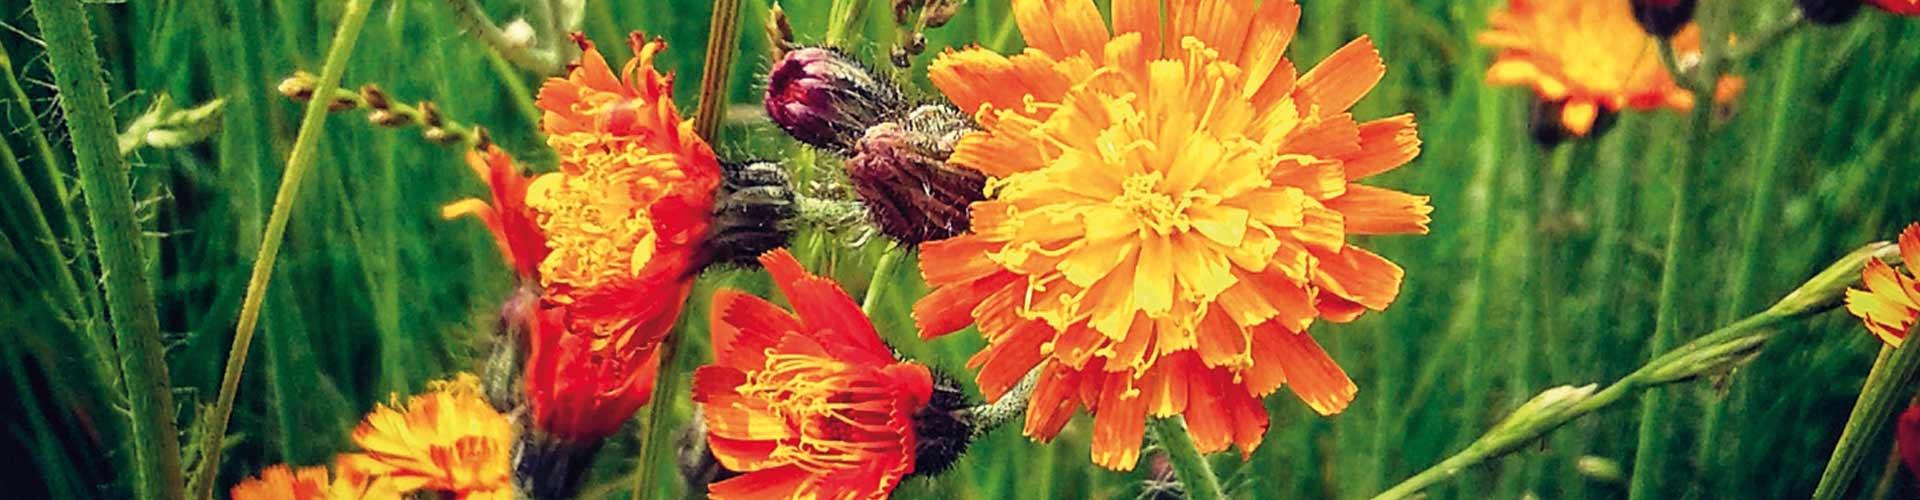 Blumenwiese-1920×500